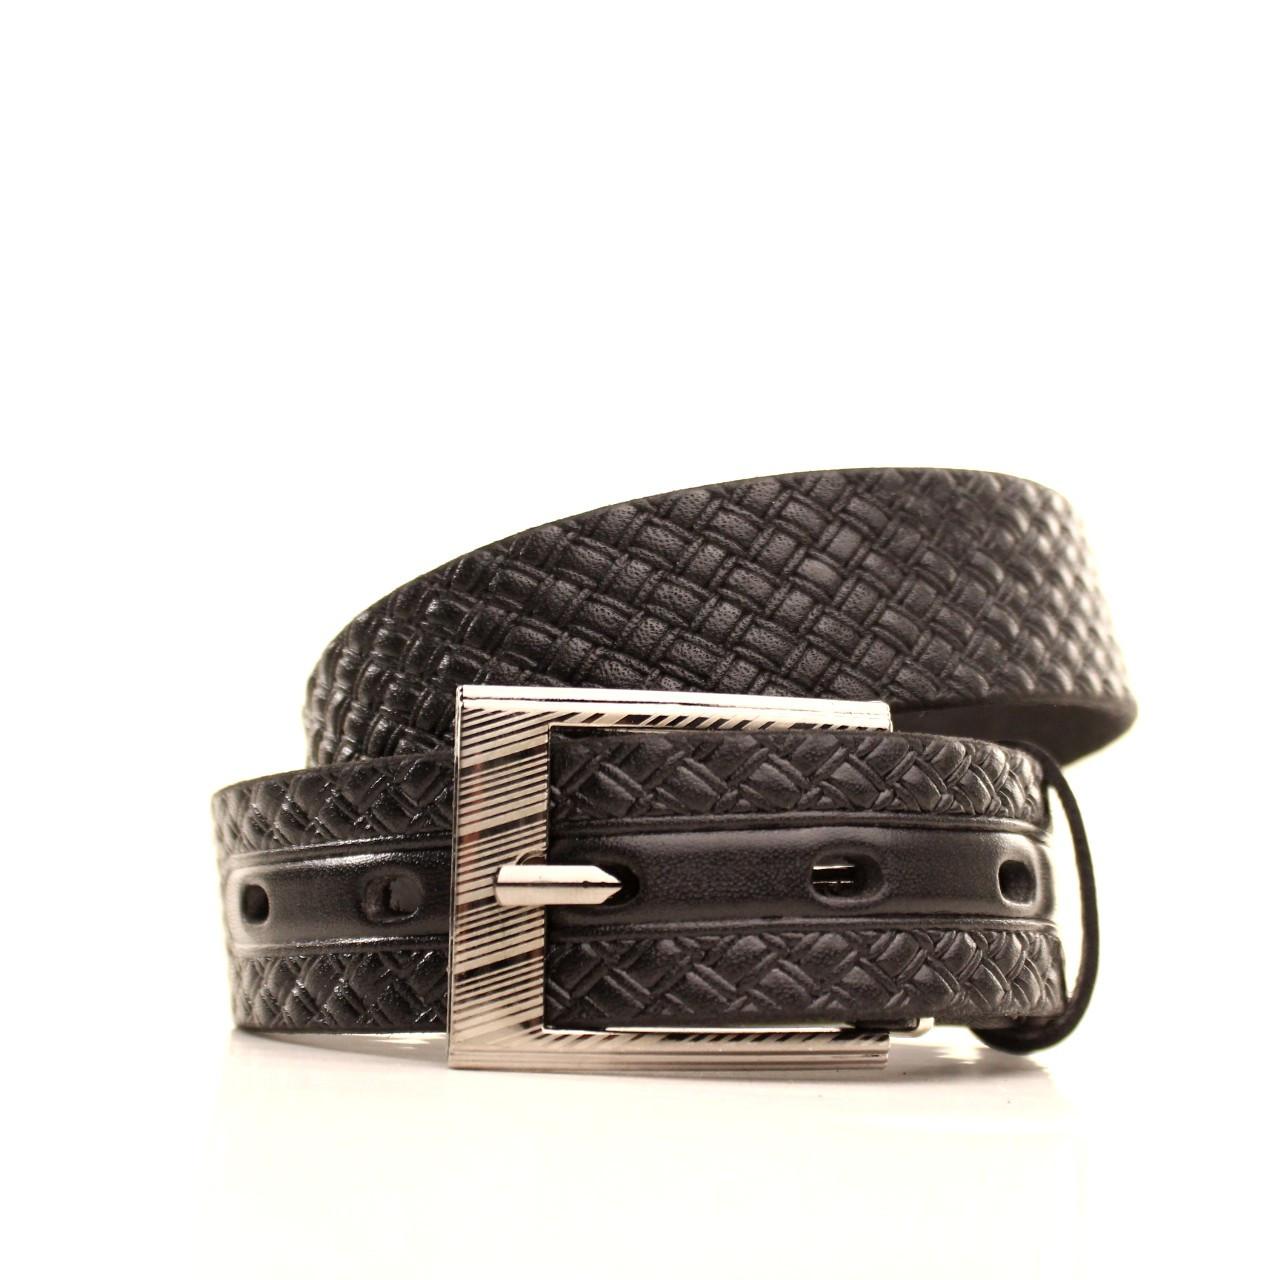 Ремень кожаный Lazar 70-80 см черный l30u3w16